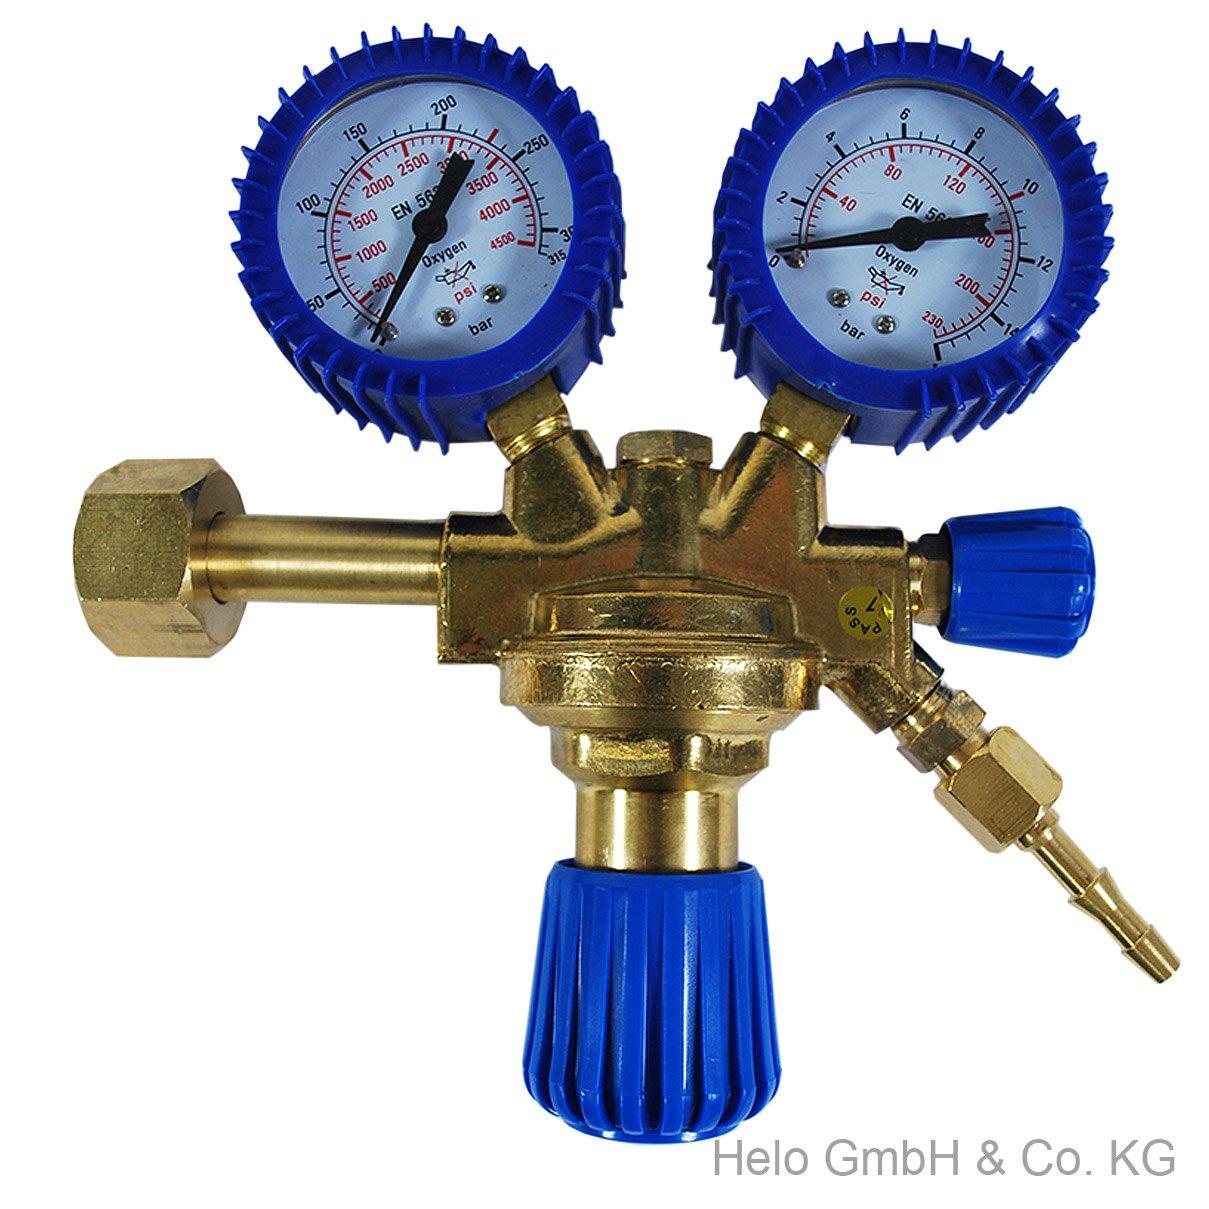 Druckminderer Druckregler Druckmanometer Sauerstoff Schweißen Messing O2 Armatur Helo